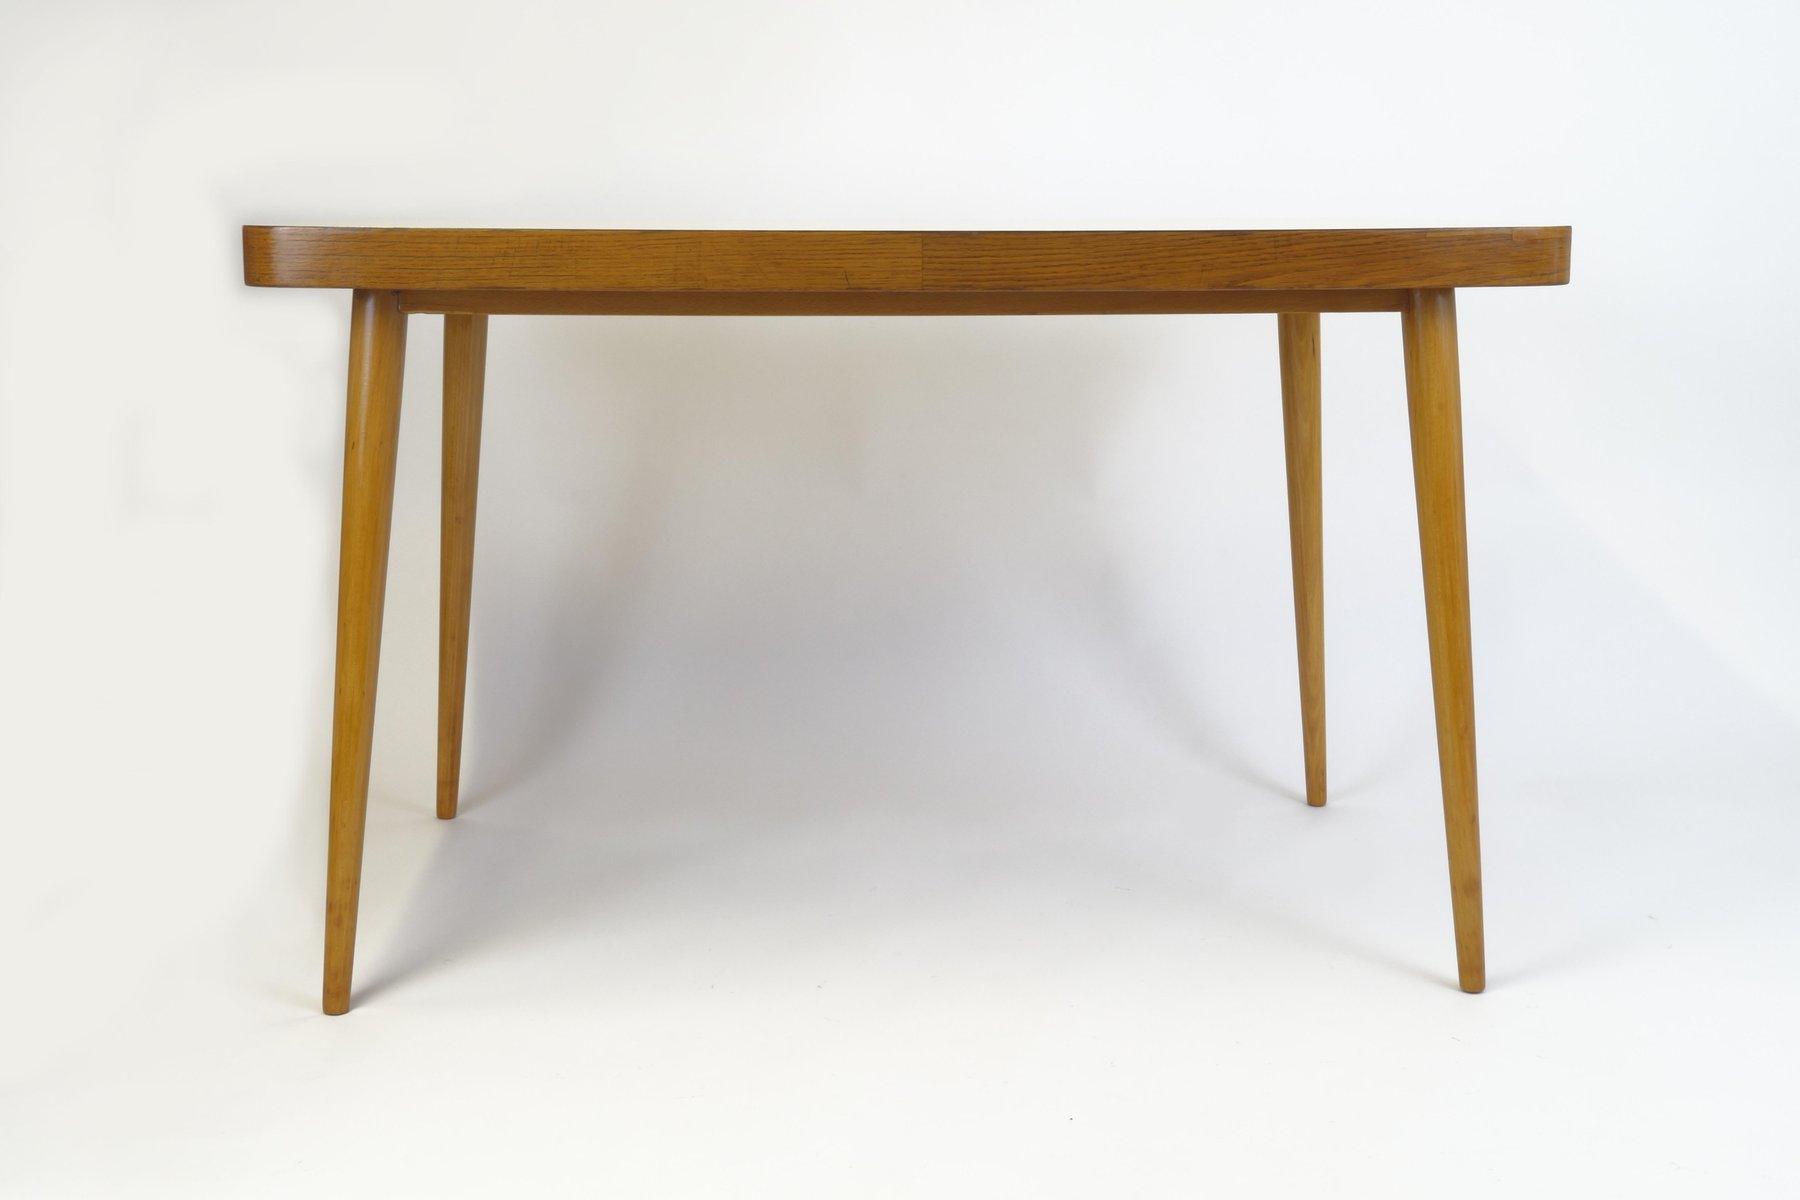 table de salle manger jaune avec dessus en bois 1950s en vente sur pamono. Black Bedroom Furniture Sets. Home Design Ideas